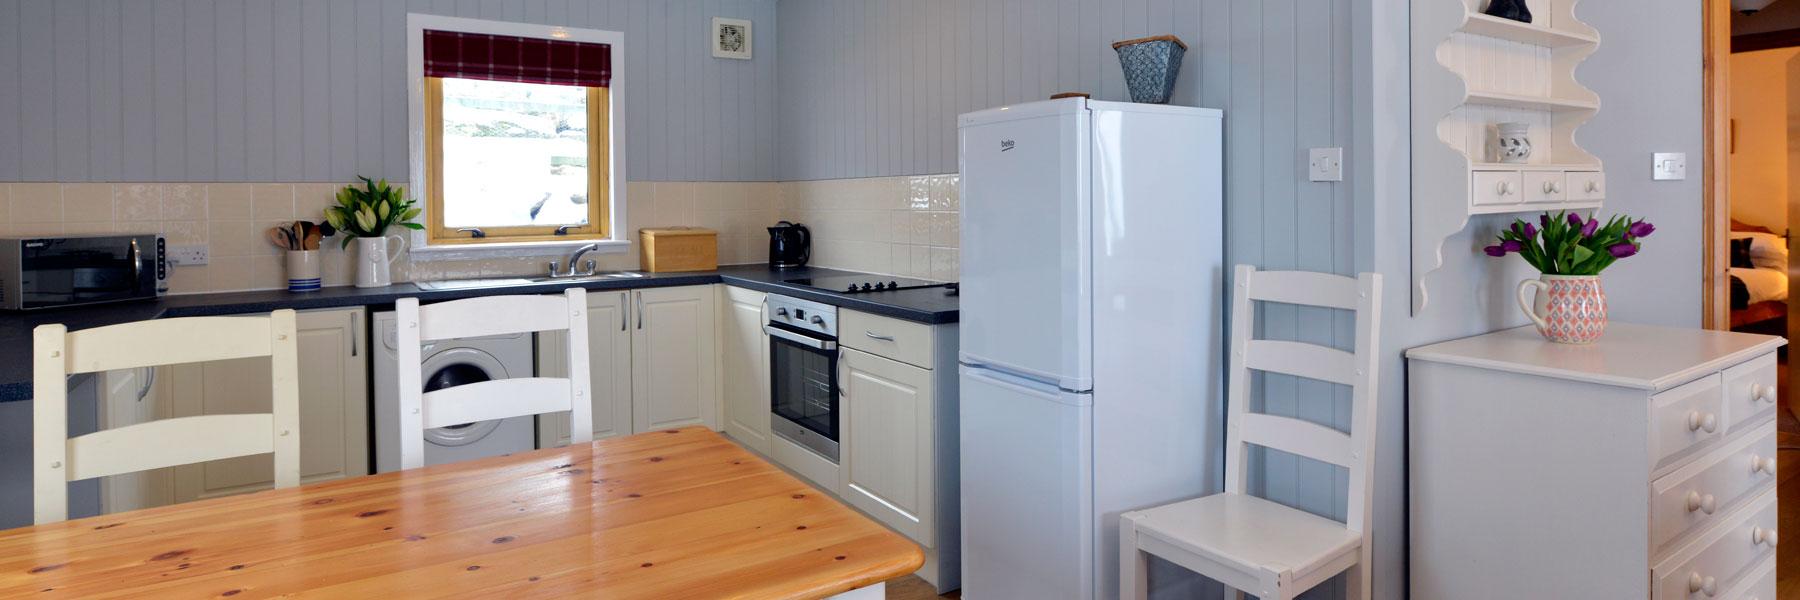 Drumcroy Lodges Aberfeldy - Kitchen